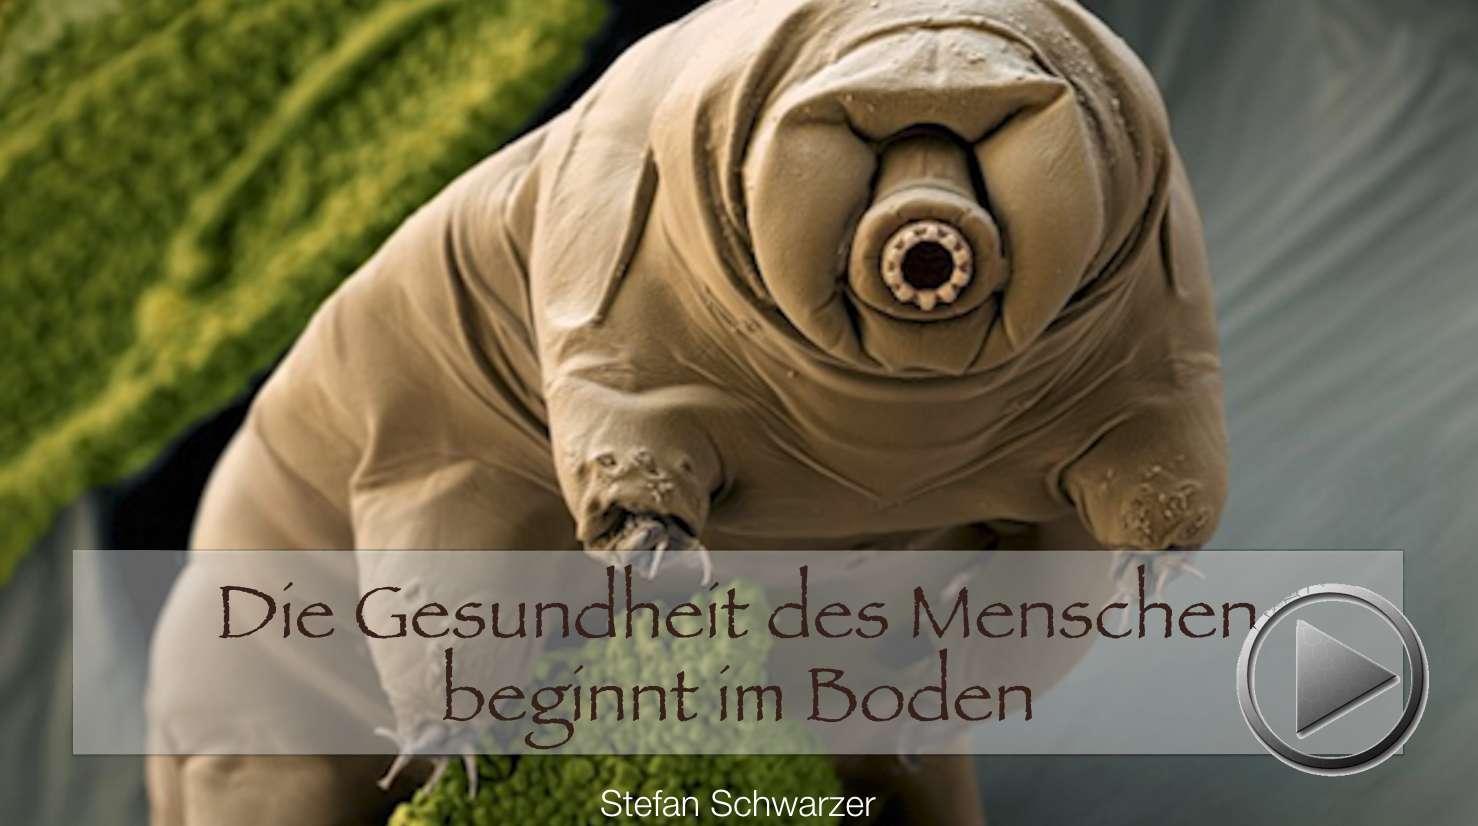 Präsentation: Die Gesundheit des Menschen beginnt im Boden. Stefan Schwarzer